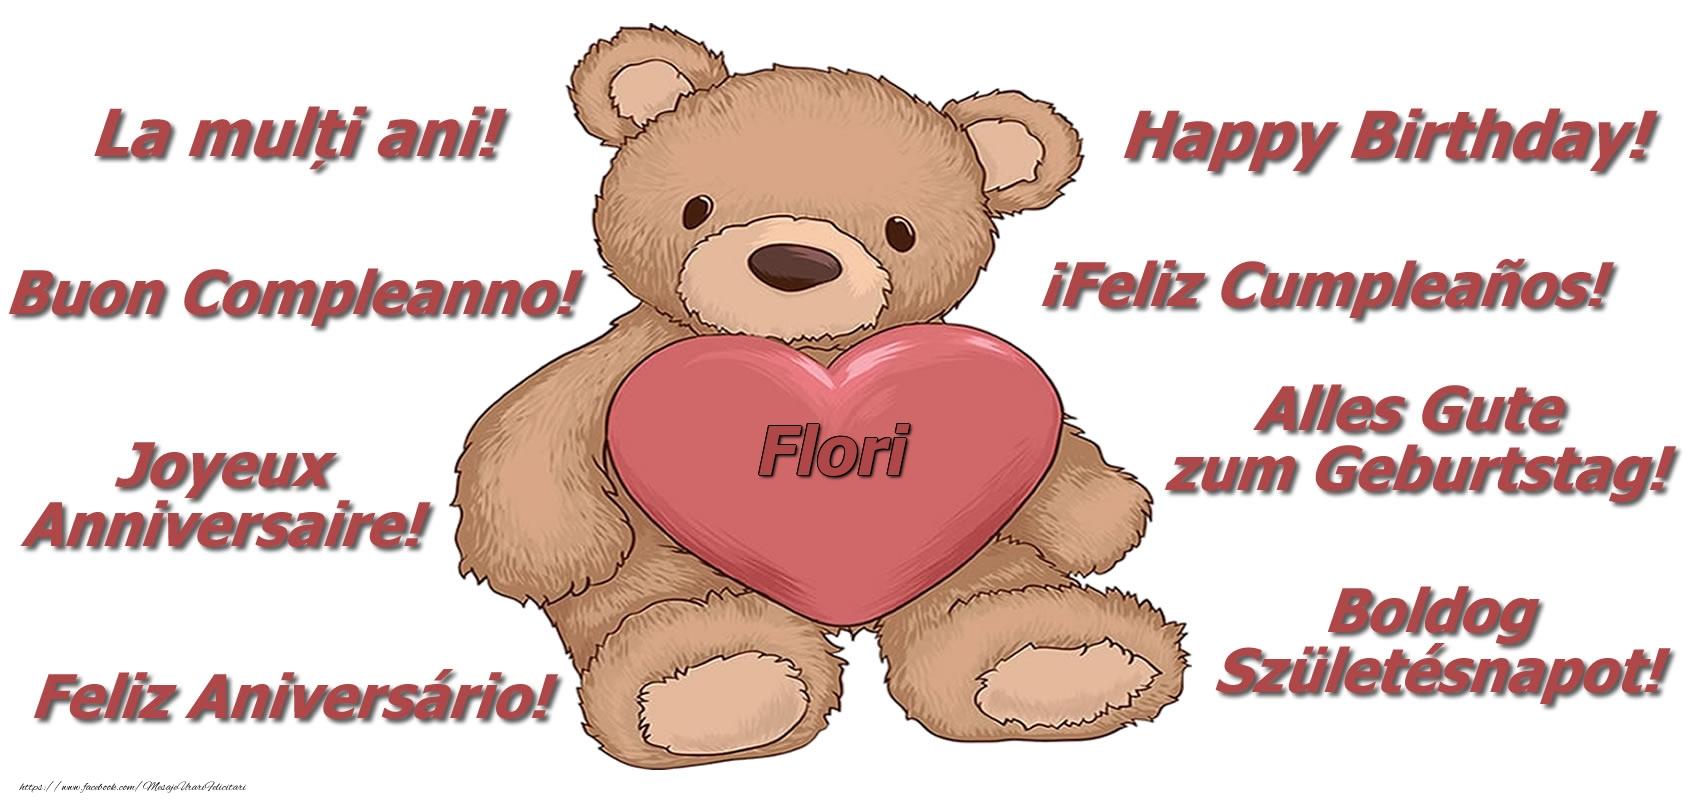 Felicitari de zi de nastere - La multi ani Flori! - Ursulet